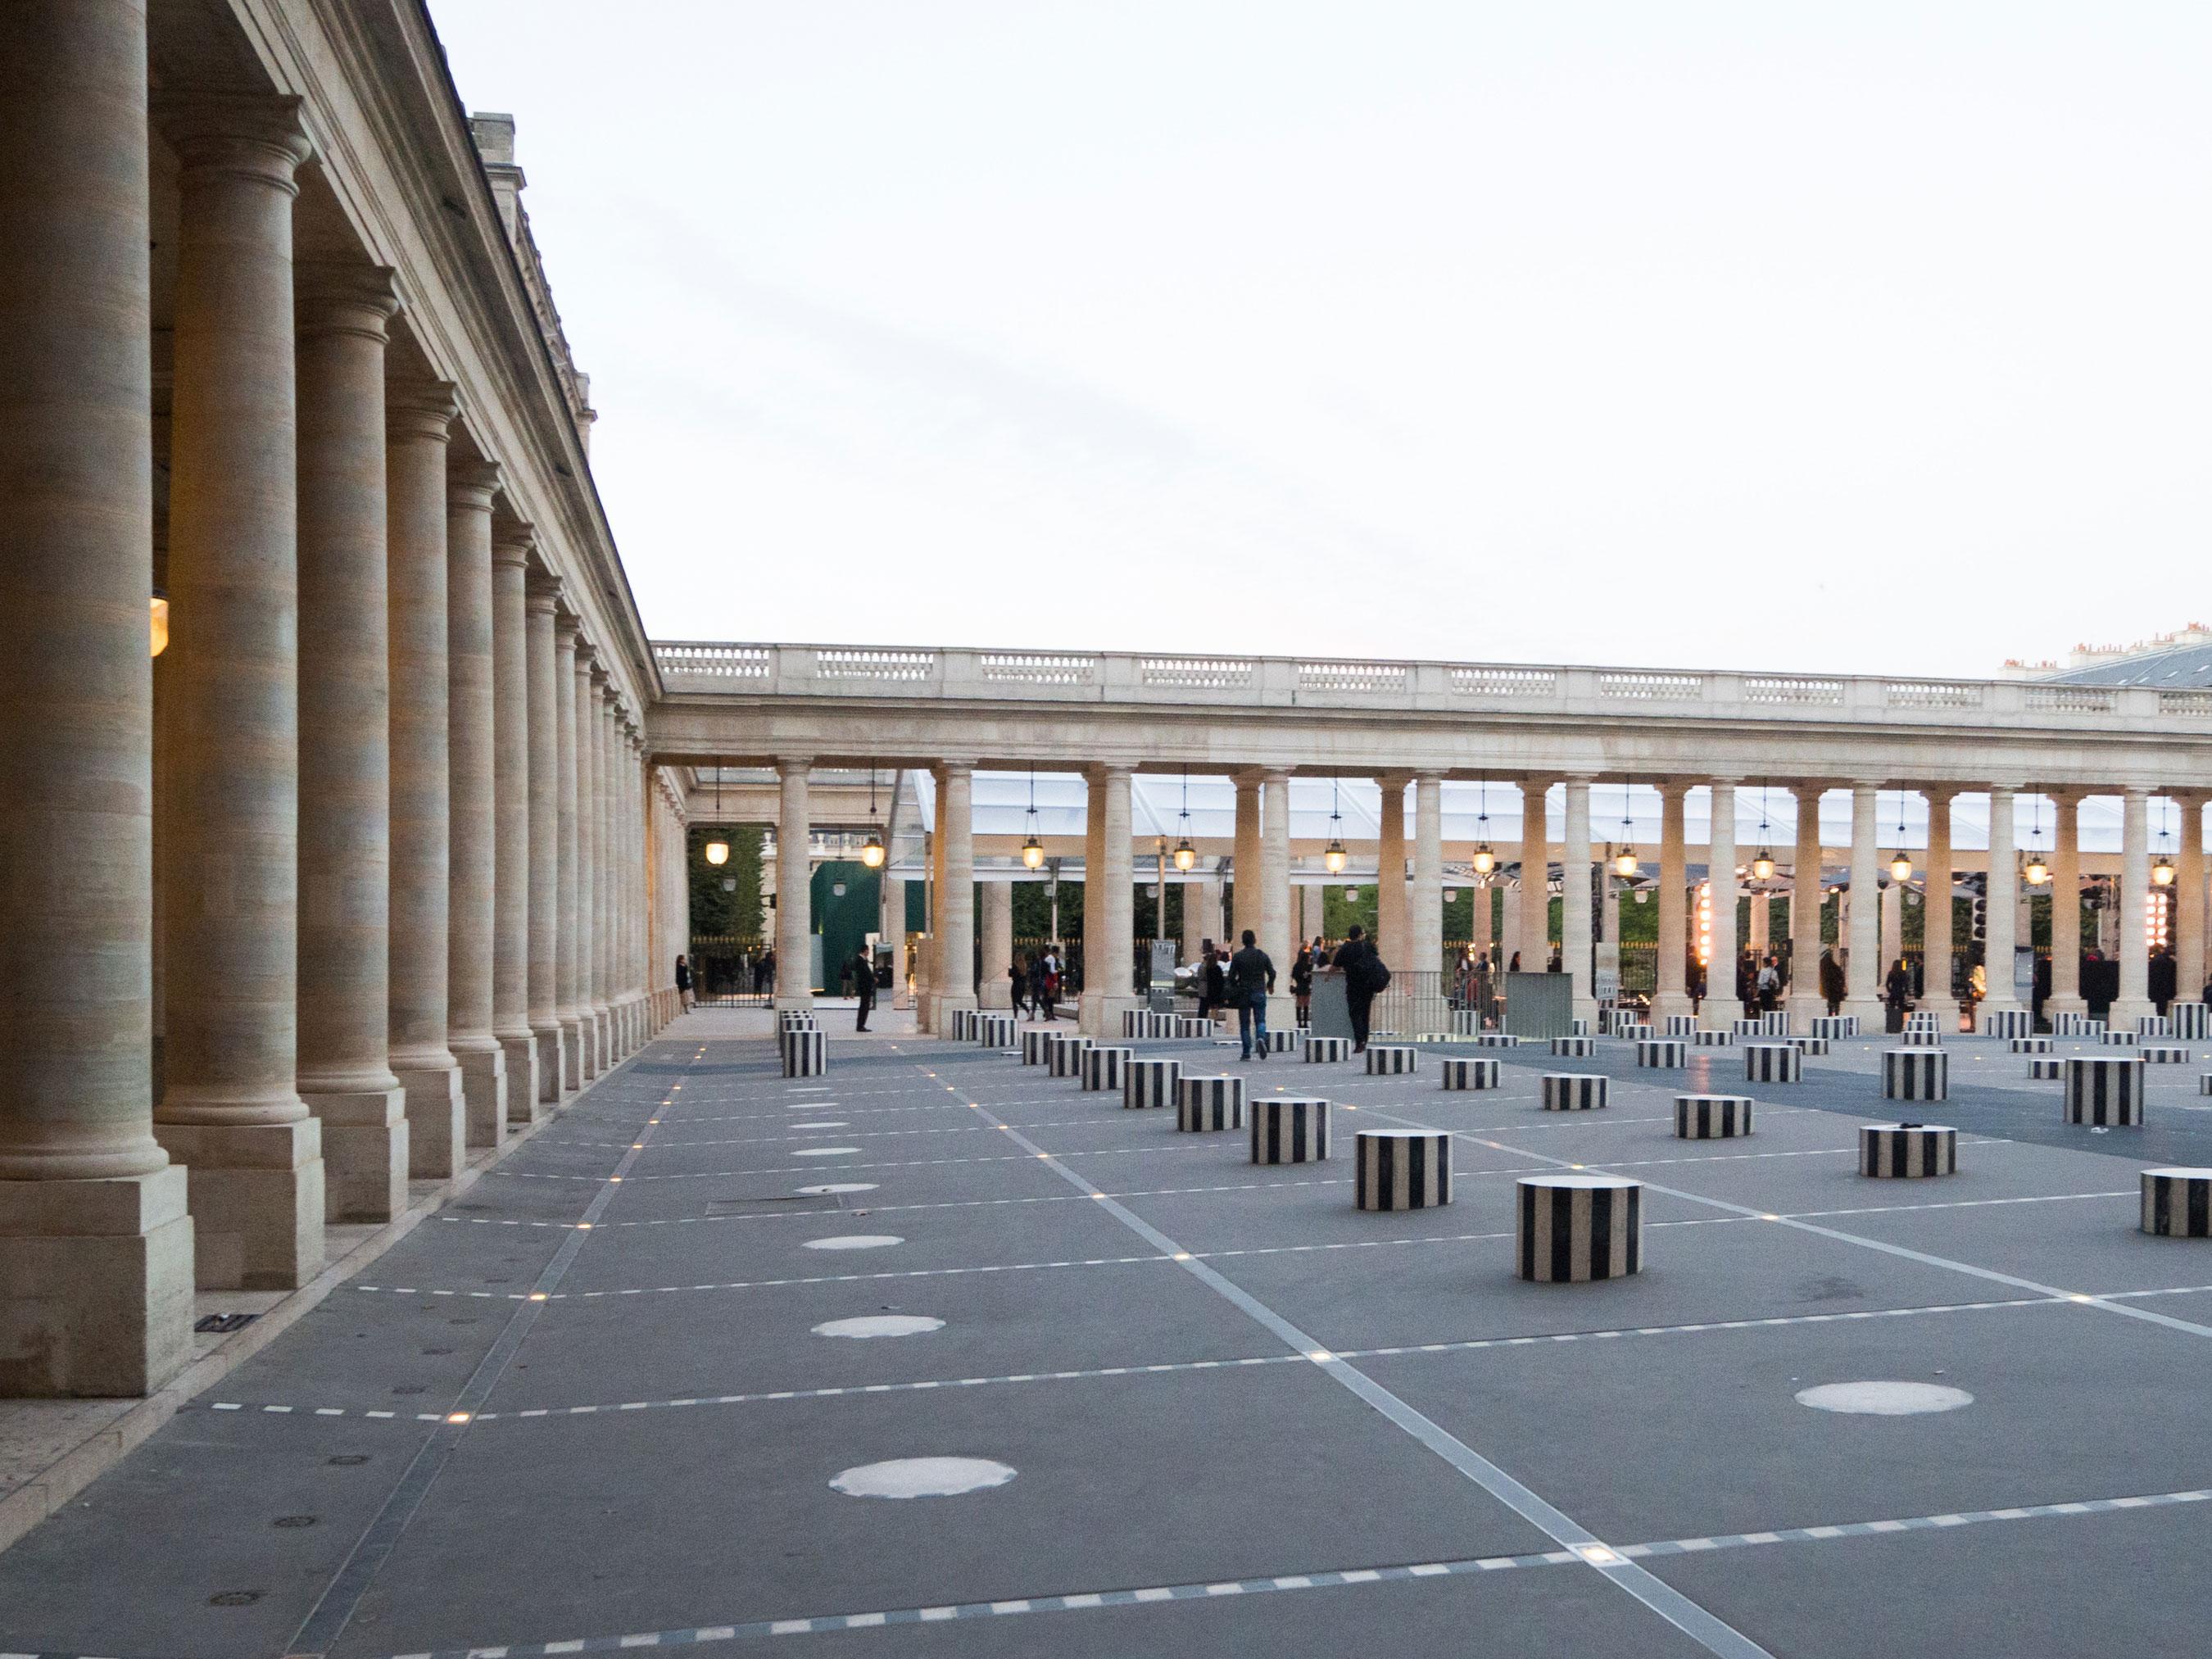 Paris atm RS17 0774